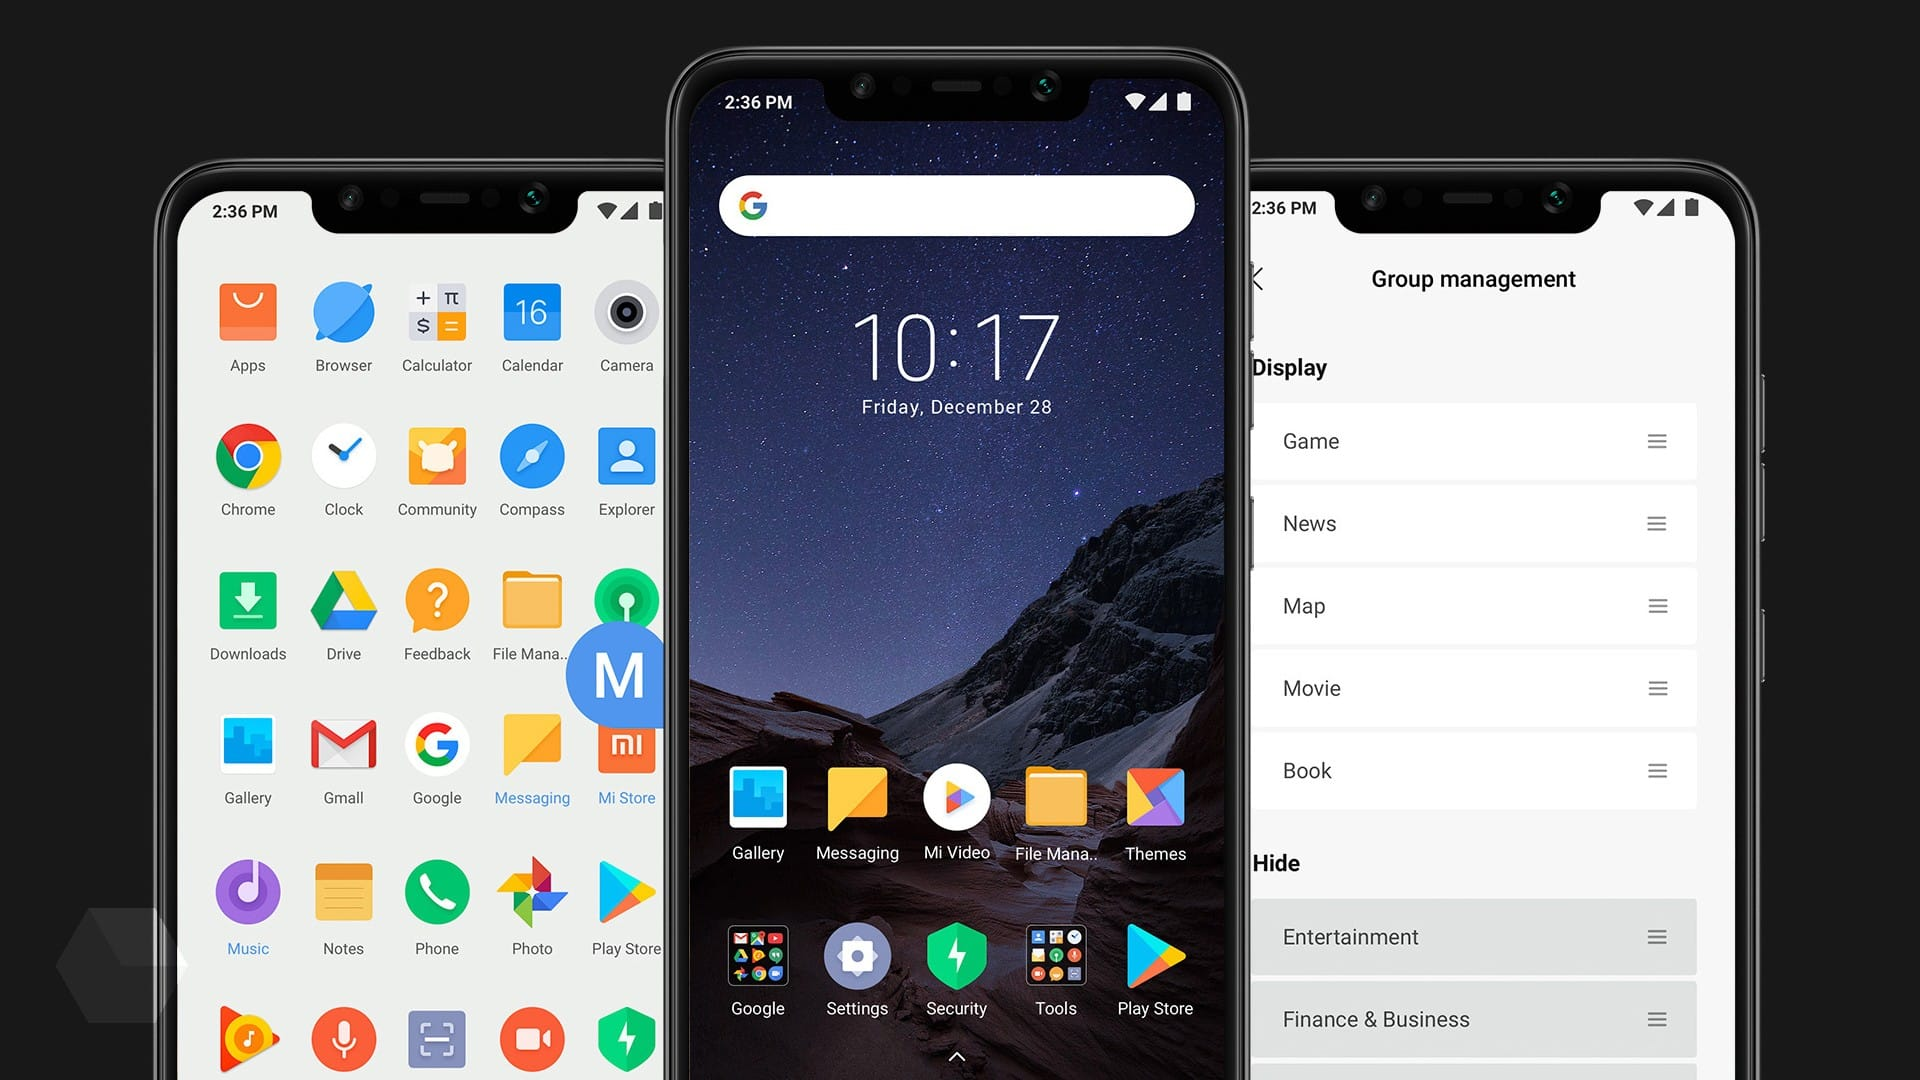 4c426bf44318 Графическая оболочка от смартфона Pocophone F1 представляет из себя  измененную в сторону обычного Android прошивку MIUI. Она слегка отличается  внешним видом ...